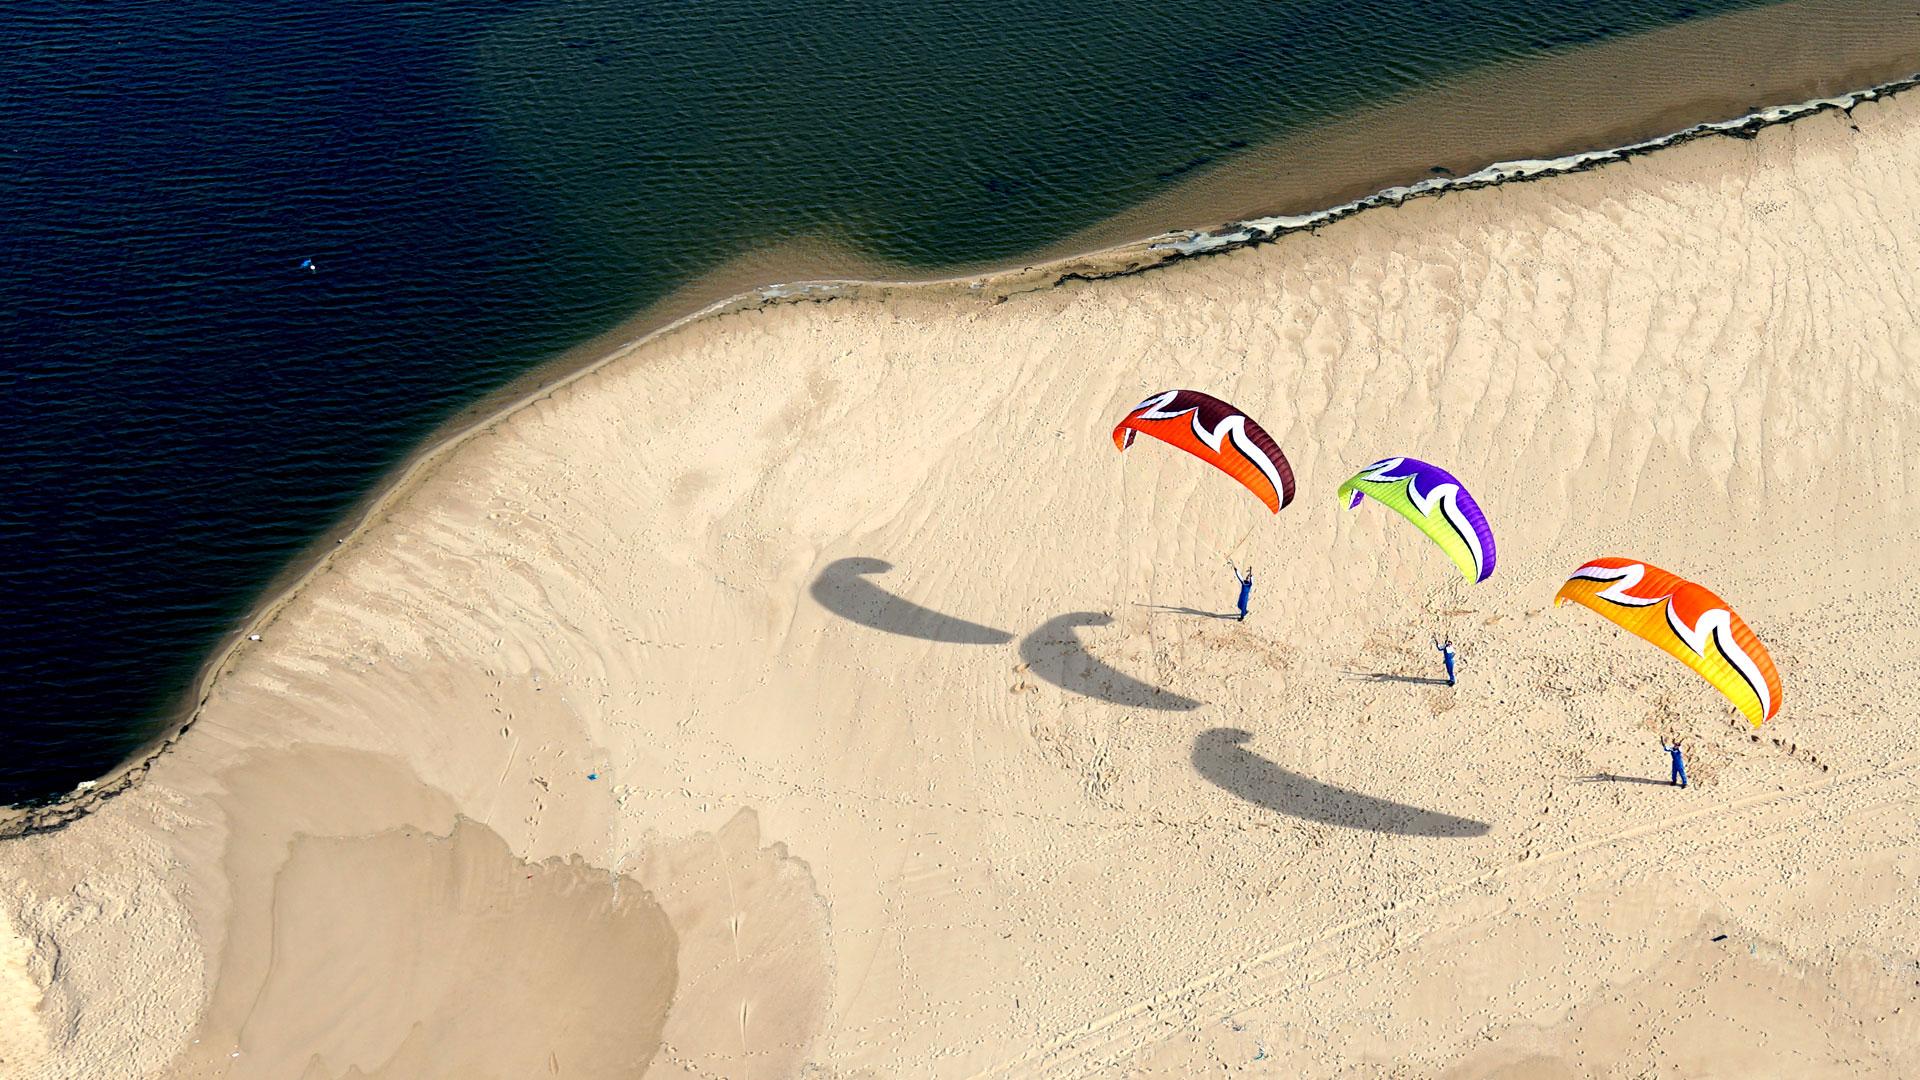 fond d'écran en paramoteur ulm plage au sud de lisbonne sous le soleil